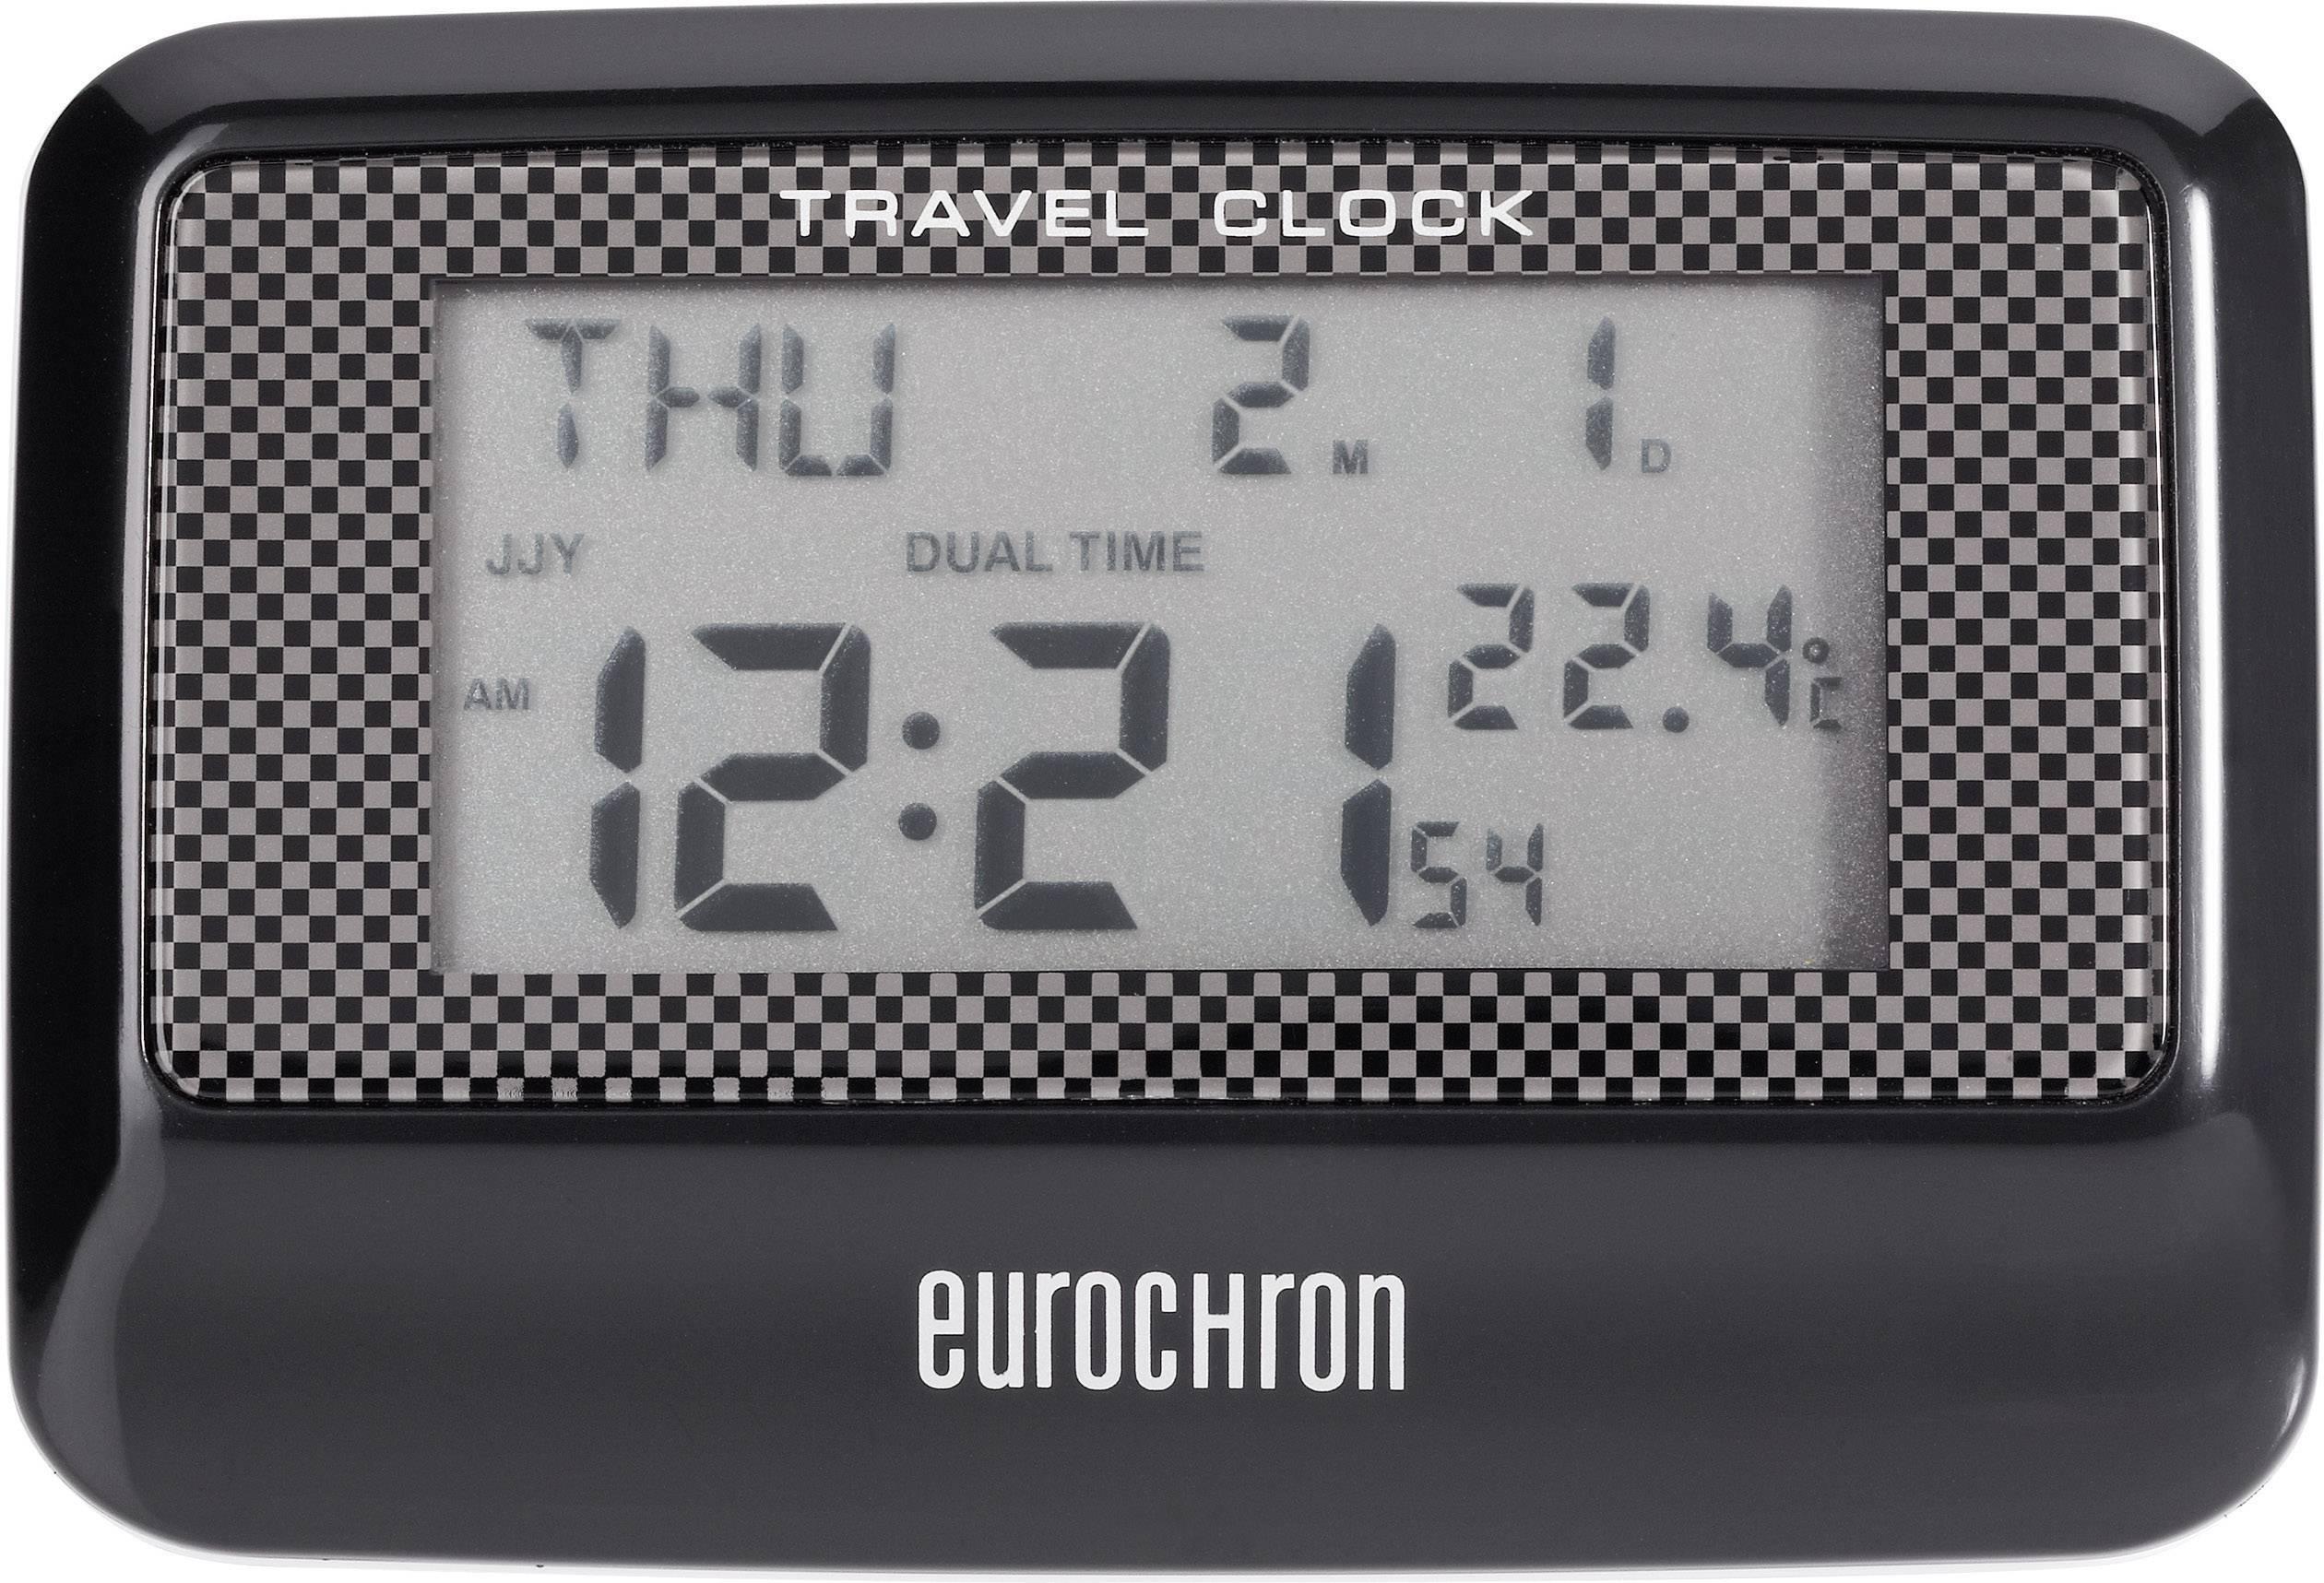 Cestovní DCF budík Eurochron Multiband EFW 200 T, C8263A, 88 x 60 x 20 mm, černá